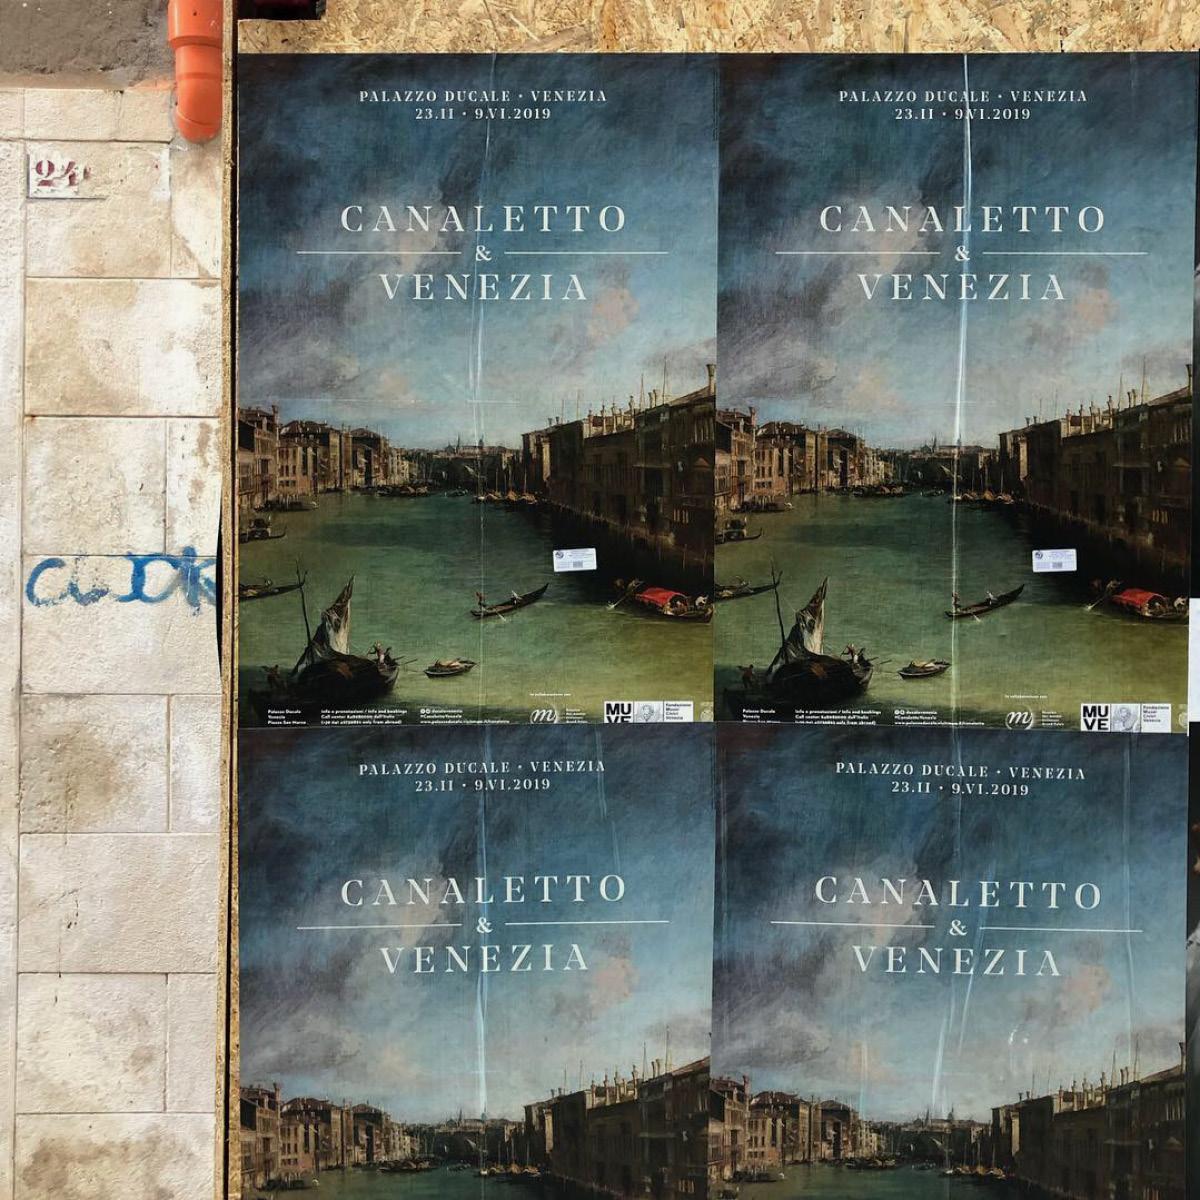 Canaletto-Venezia-002